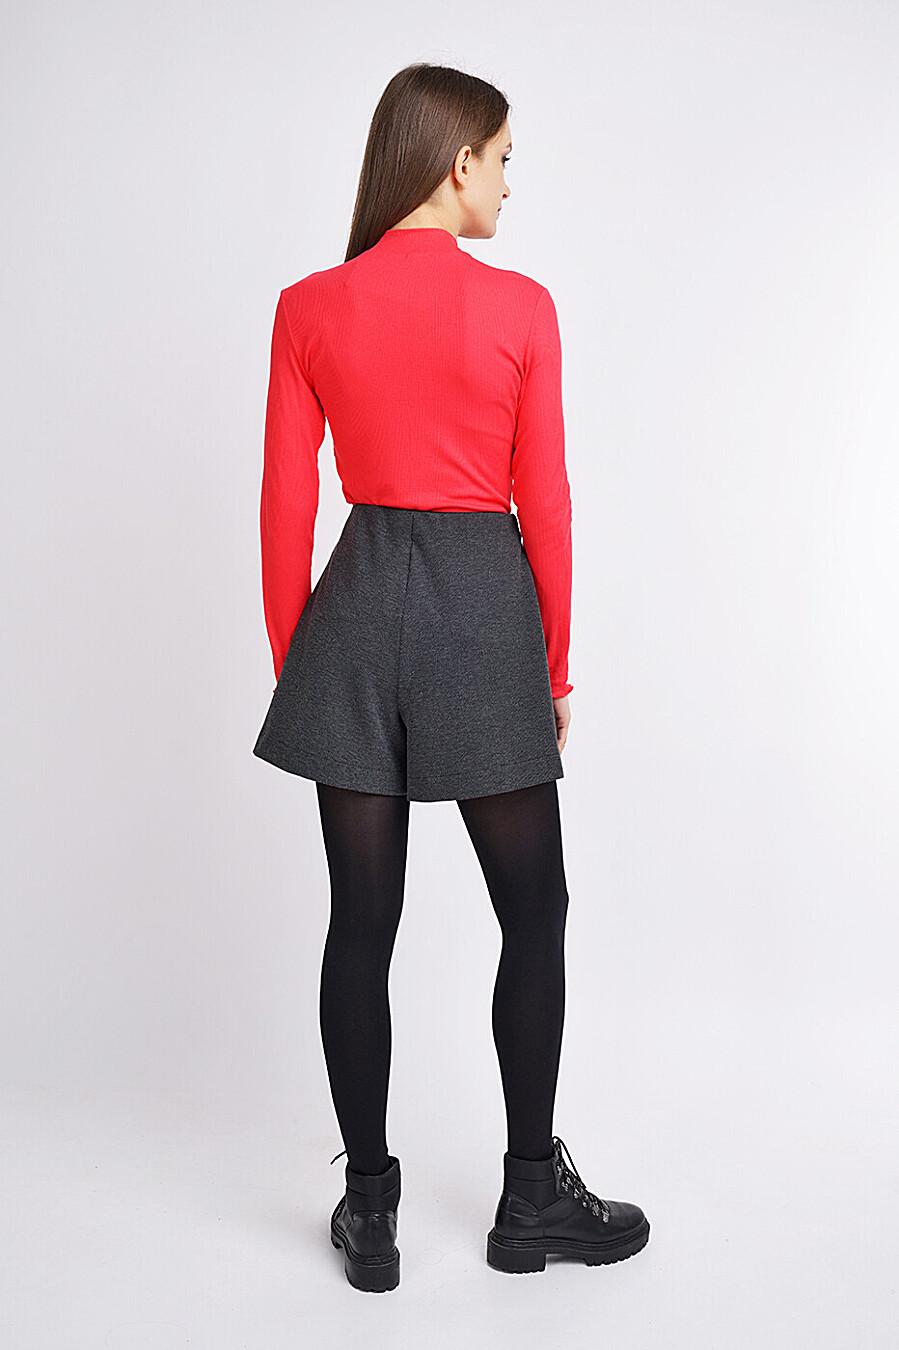 Шорты для женщин CLEVER 272876 купить оптом от производителя. Совместная покупка женской одежды в OptMoyo